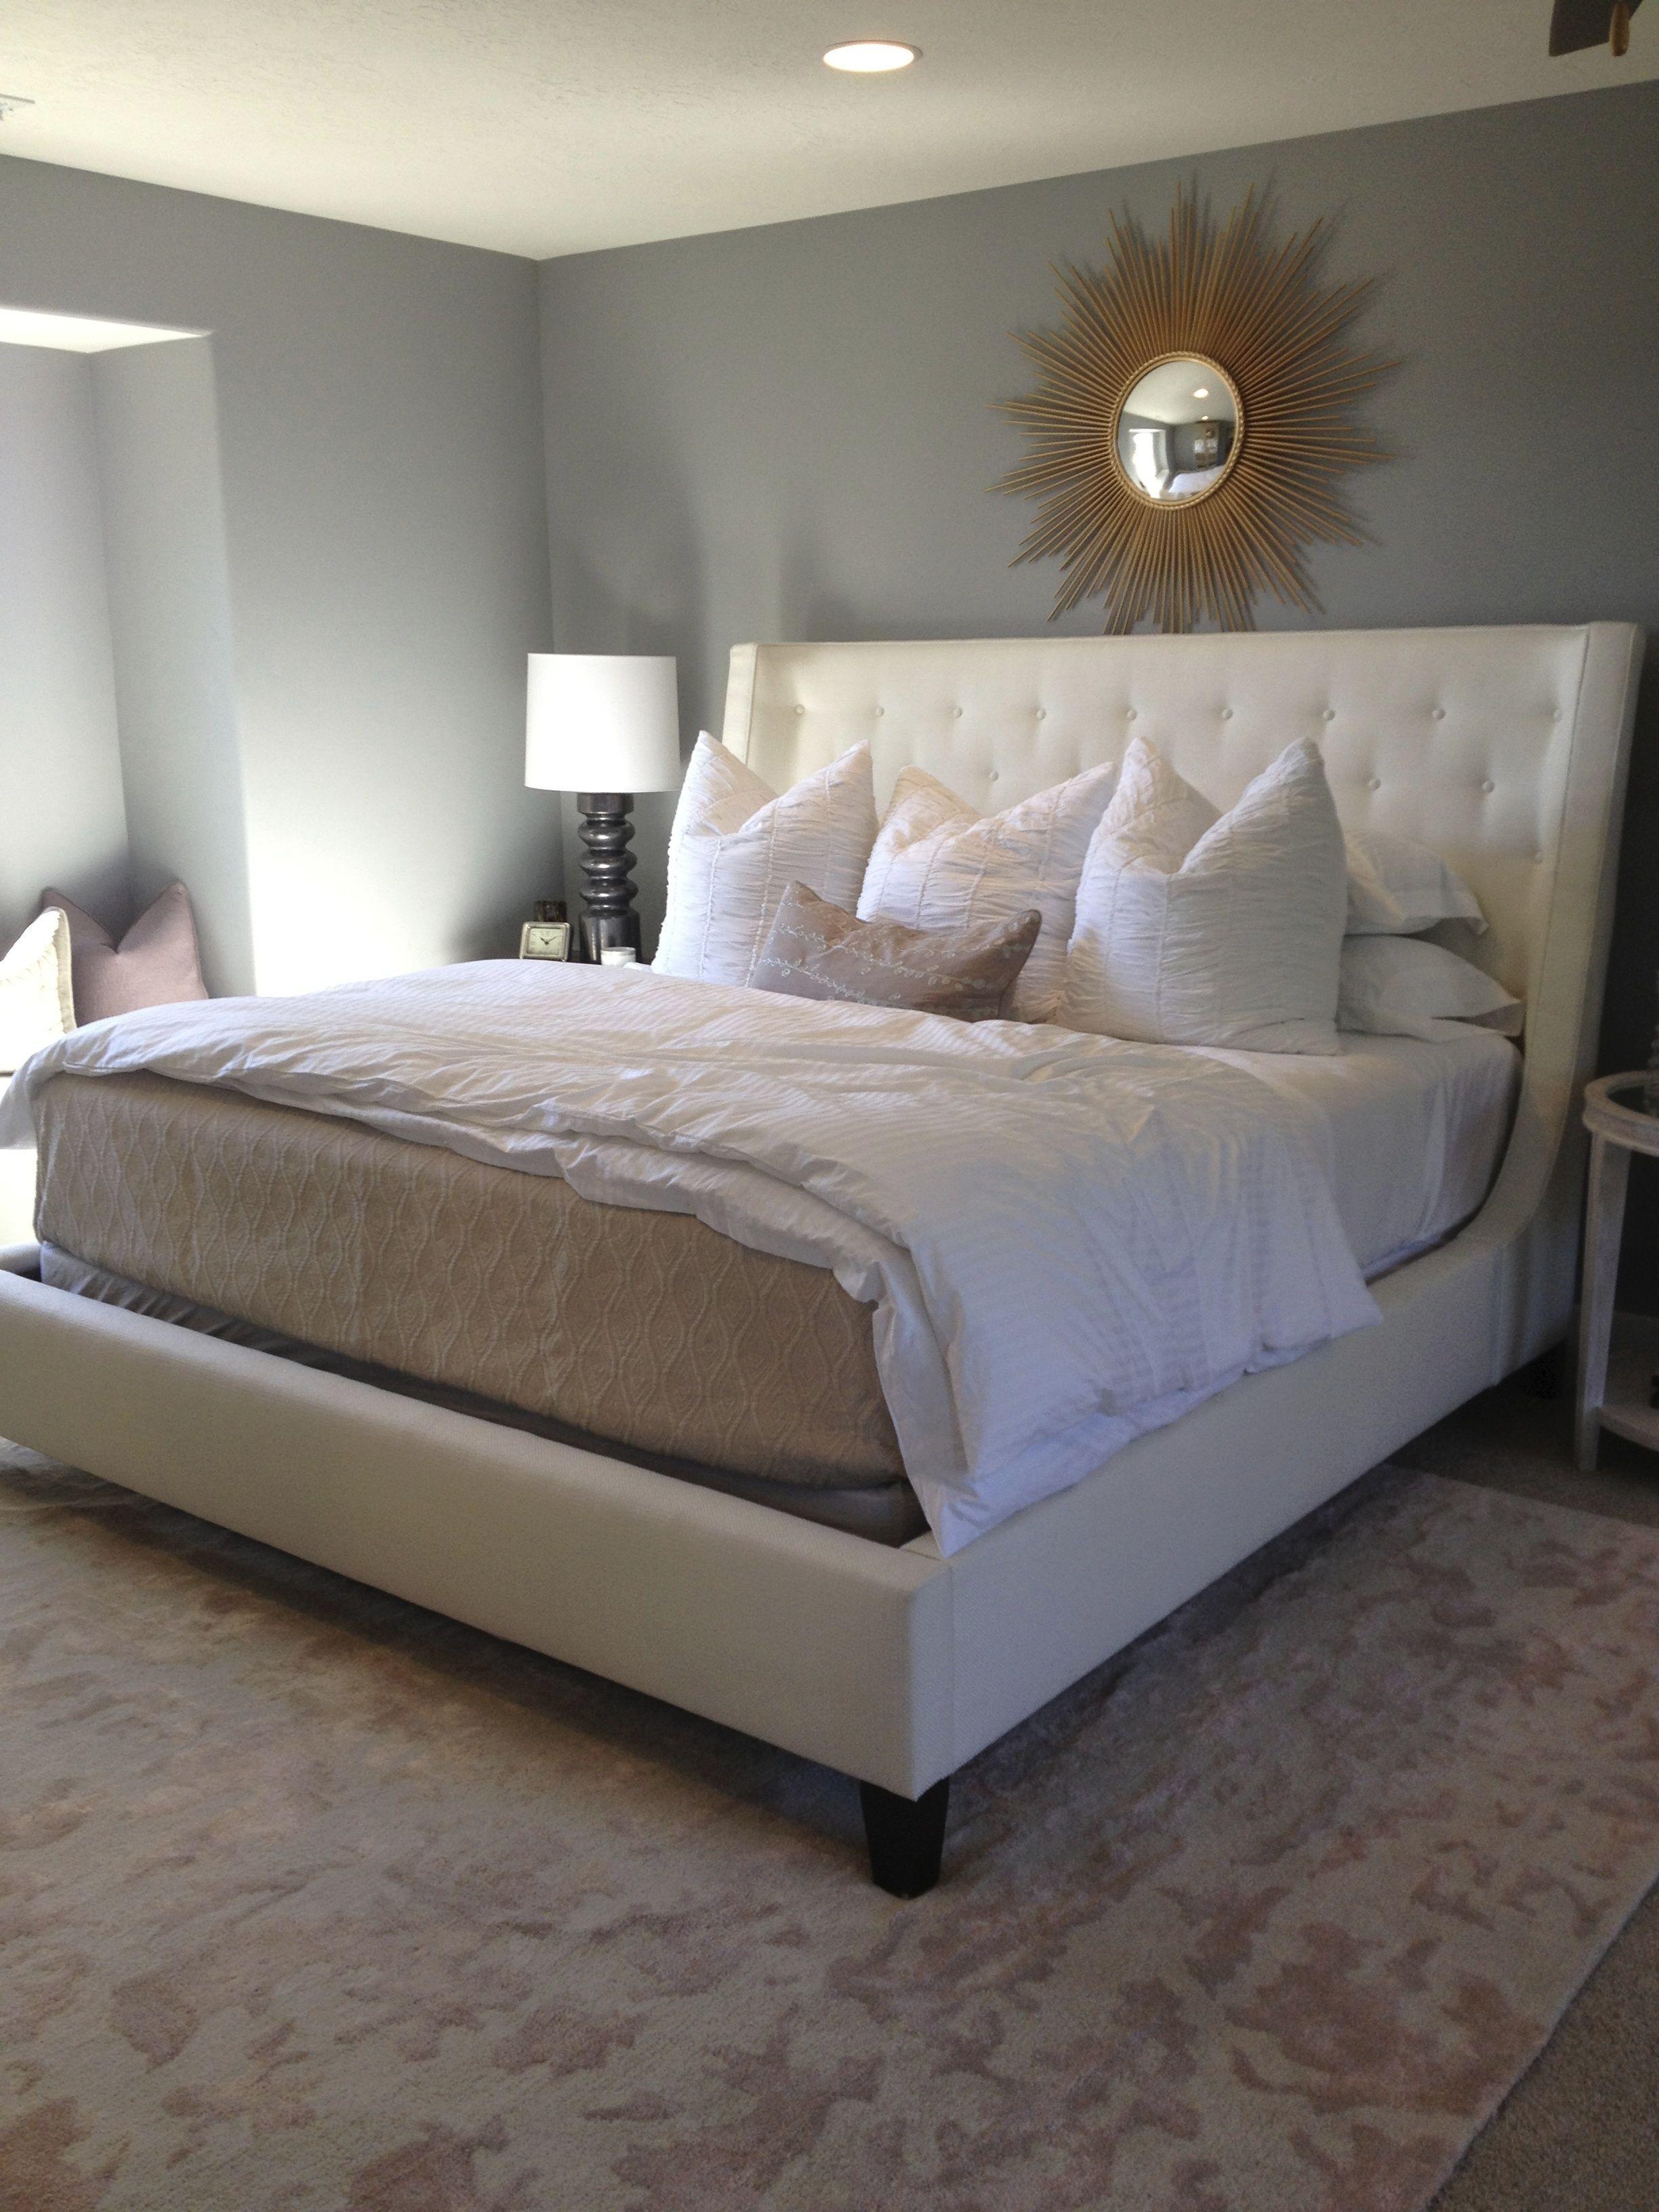 Upholstered King Bed Home Bedroom Upholstered King Bed